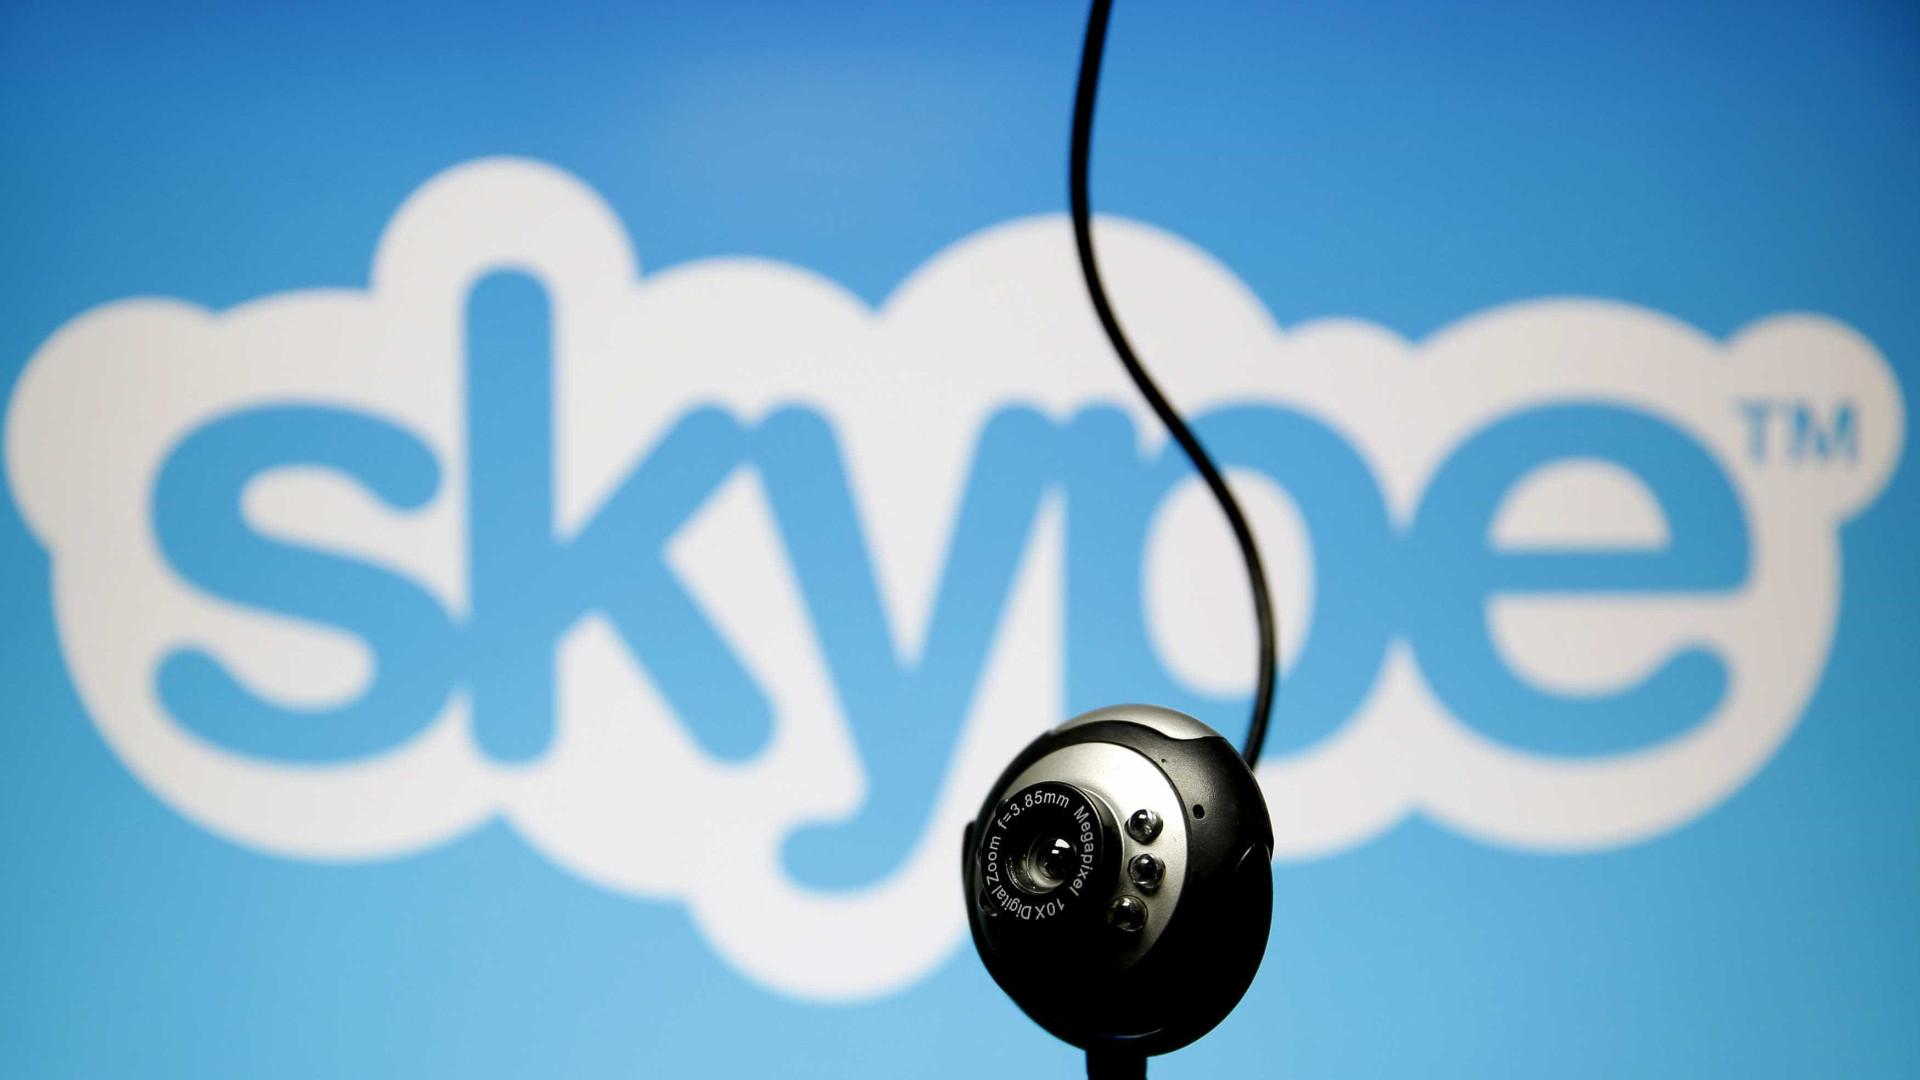 Será menos embaraçoso fazer videochamadas pelo Skype